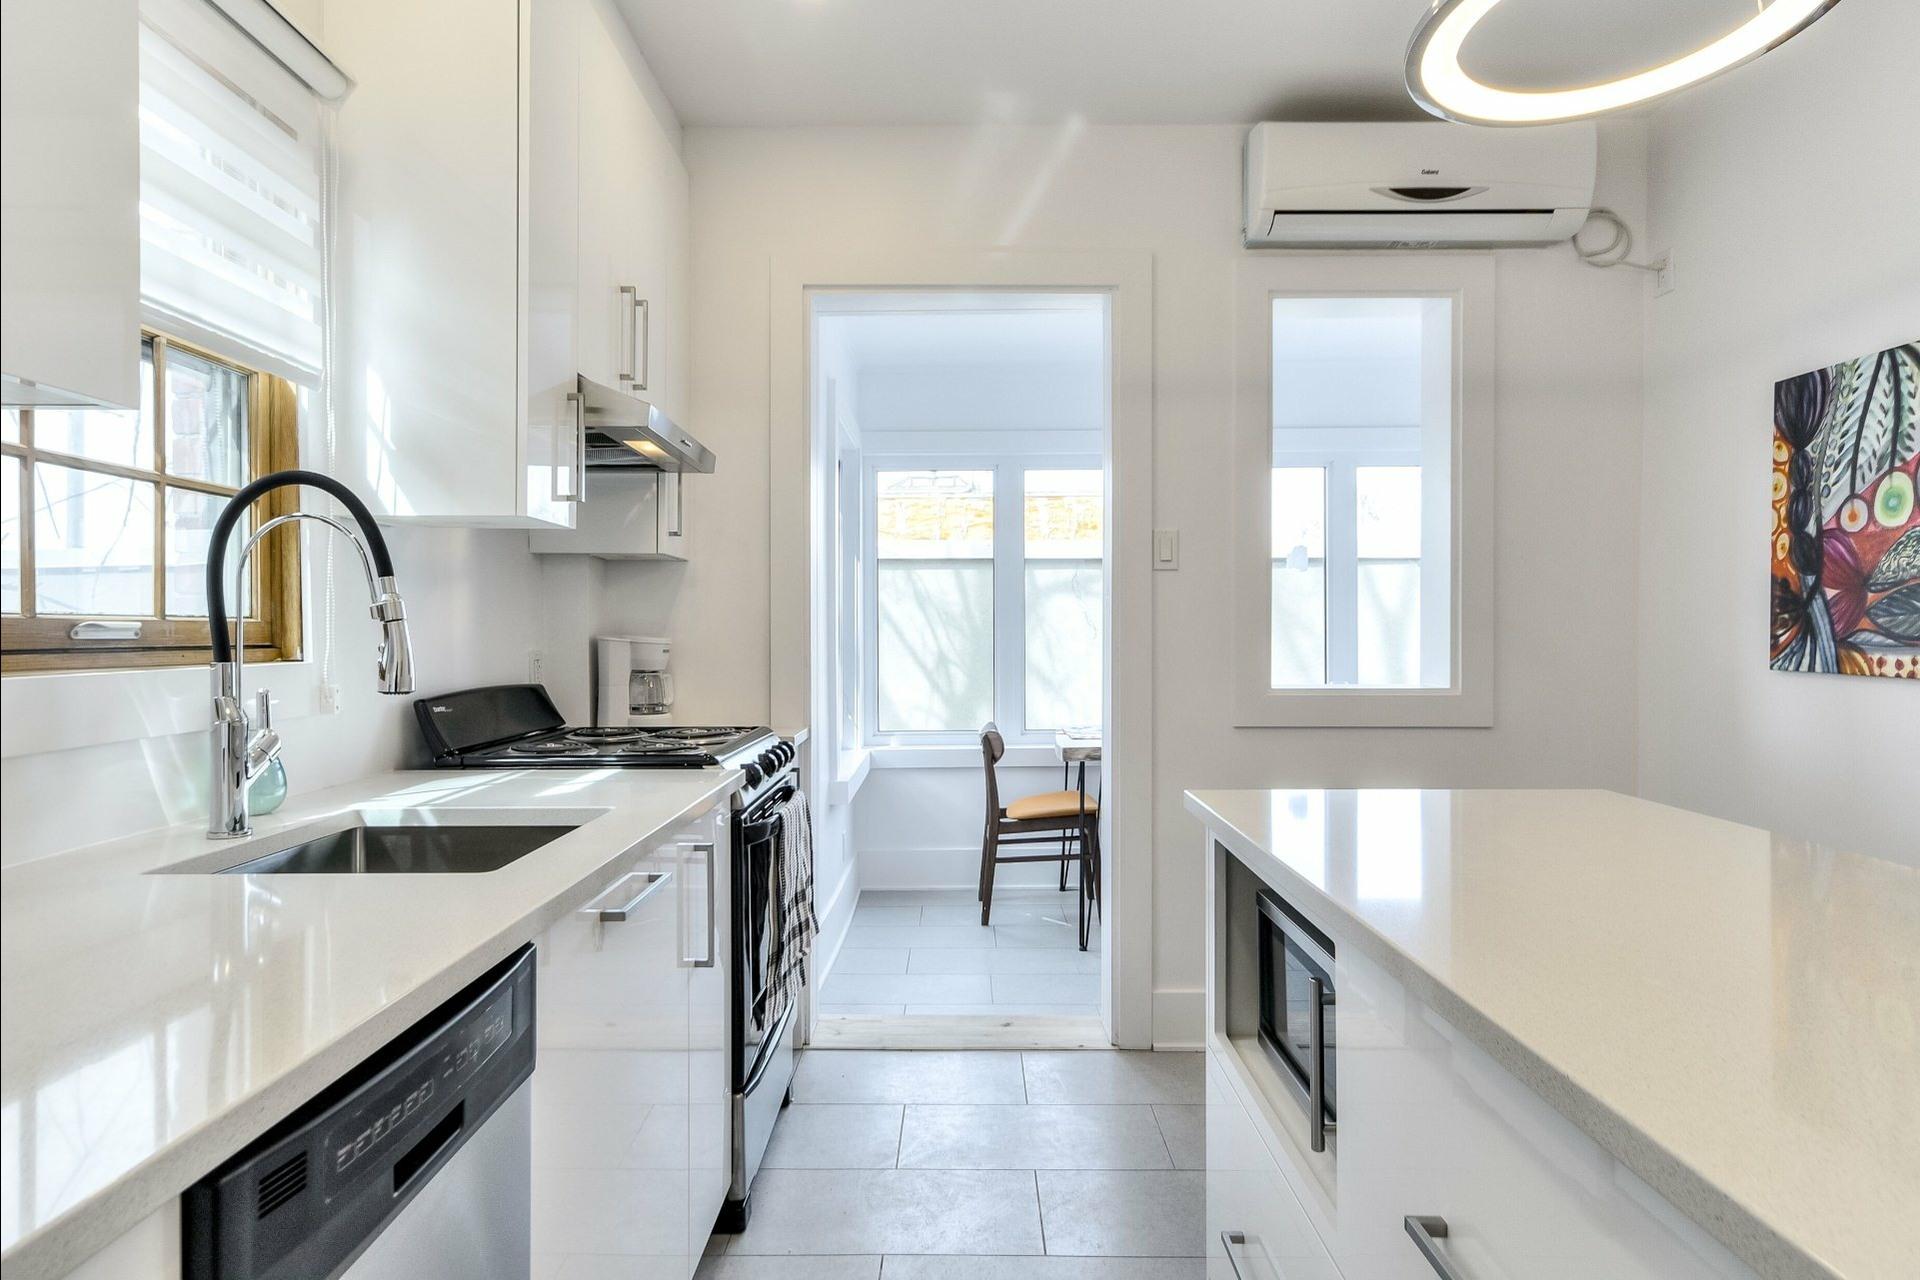 image 30 - Immeuble à revenus À vendre Montréal Villeray/Saint-Michel/Parc-Extension  - 3 pièces